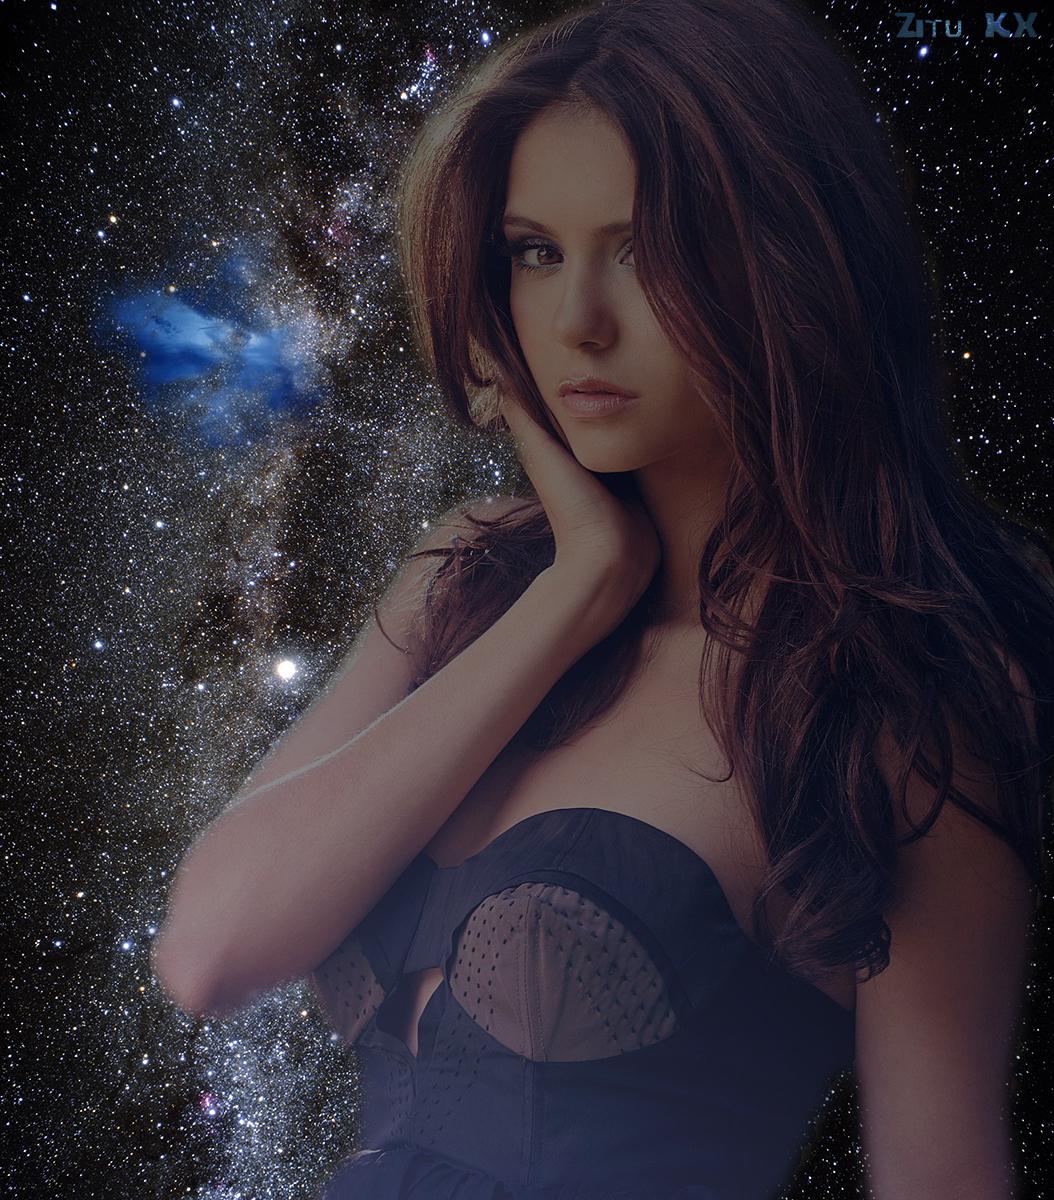 Goddess Nina Dobrev by ZituKX